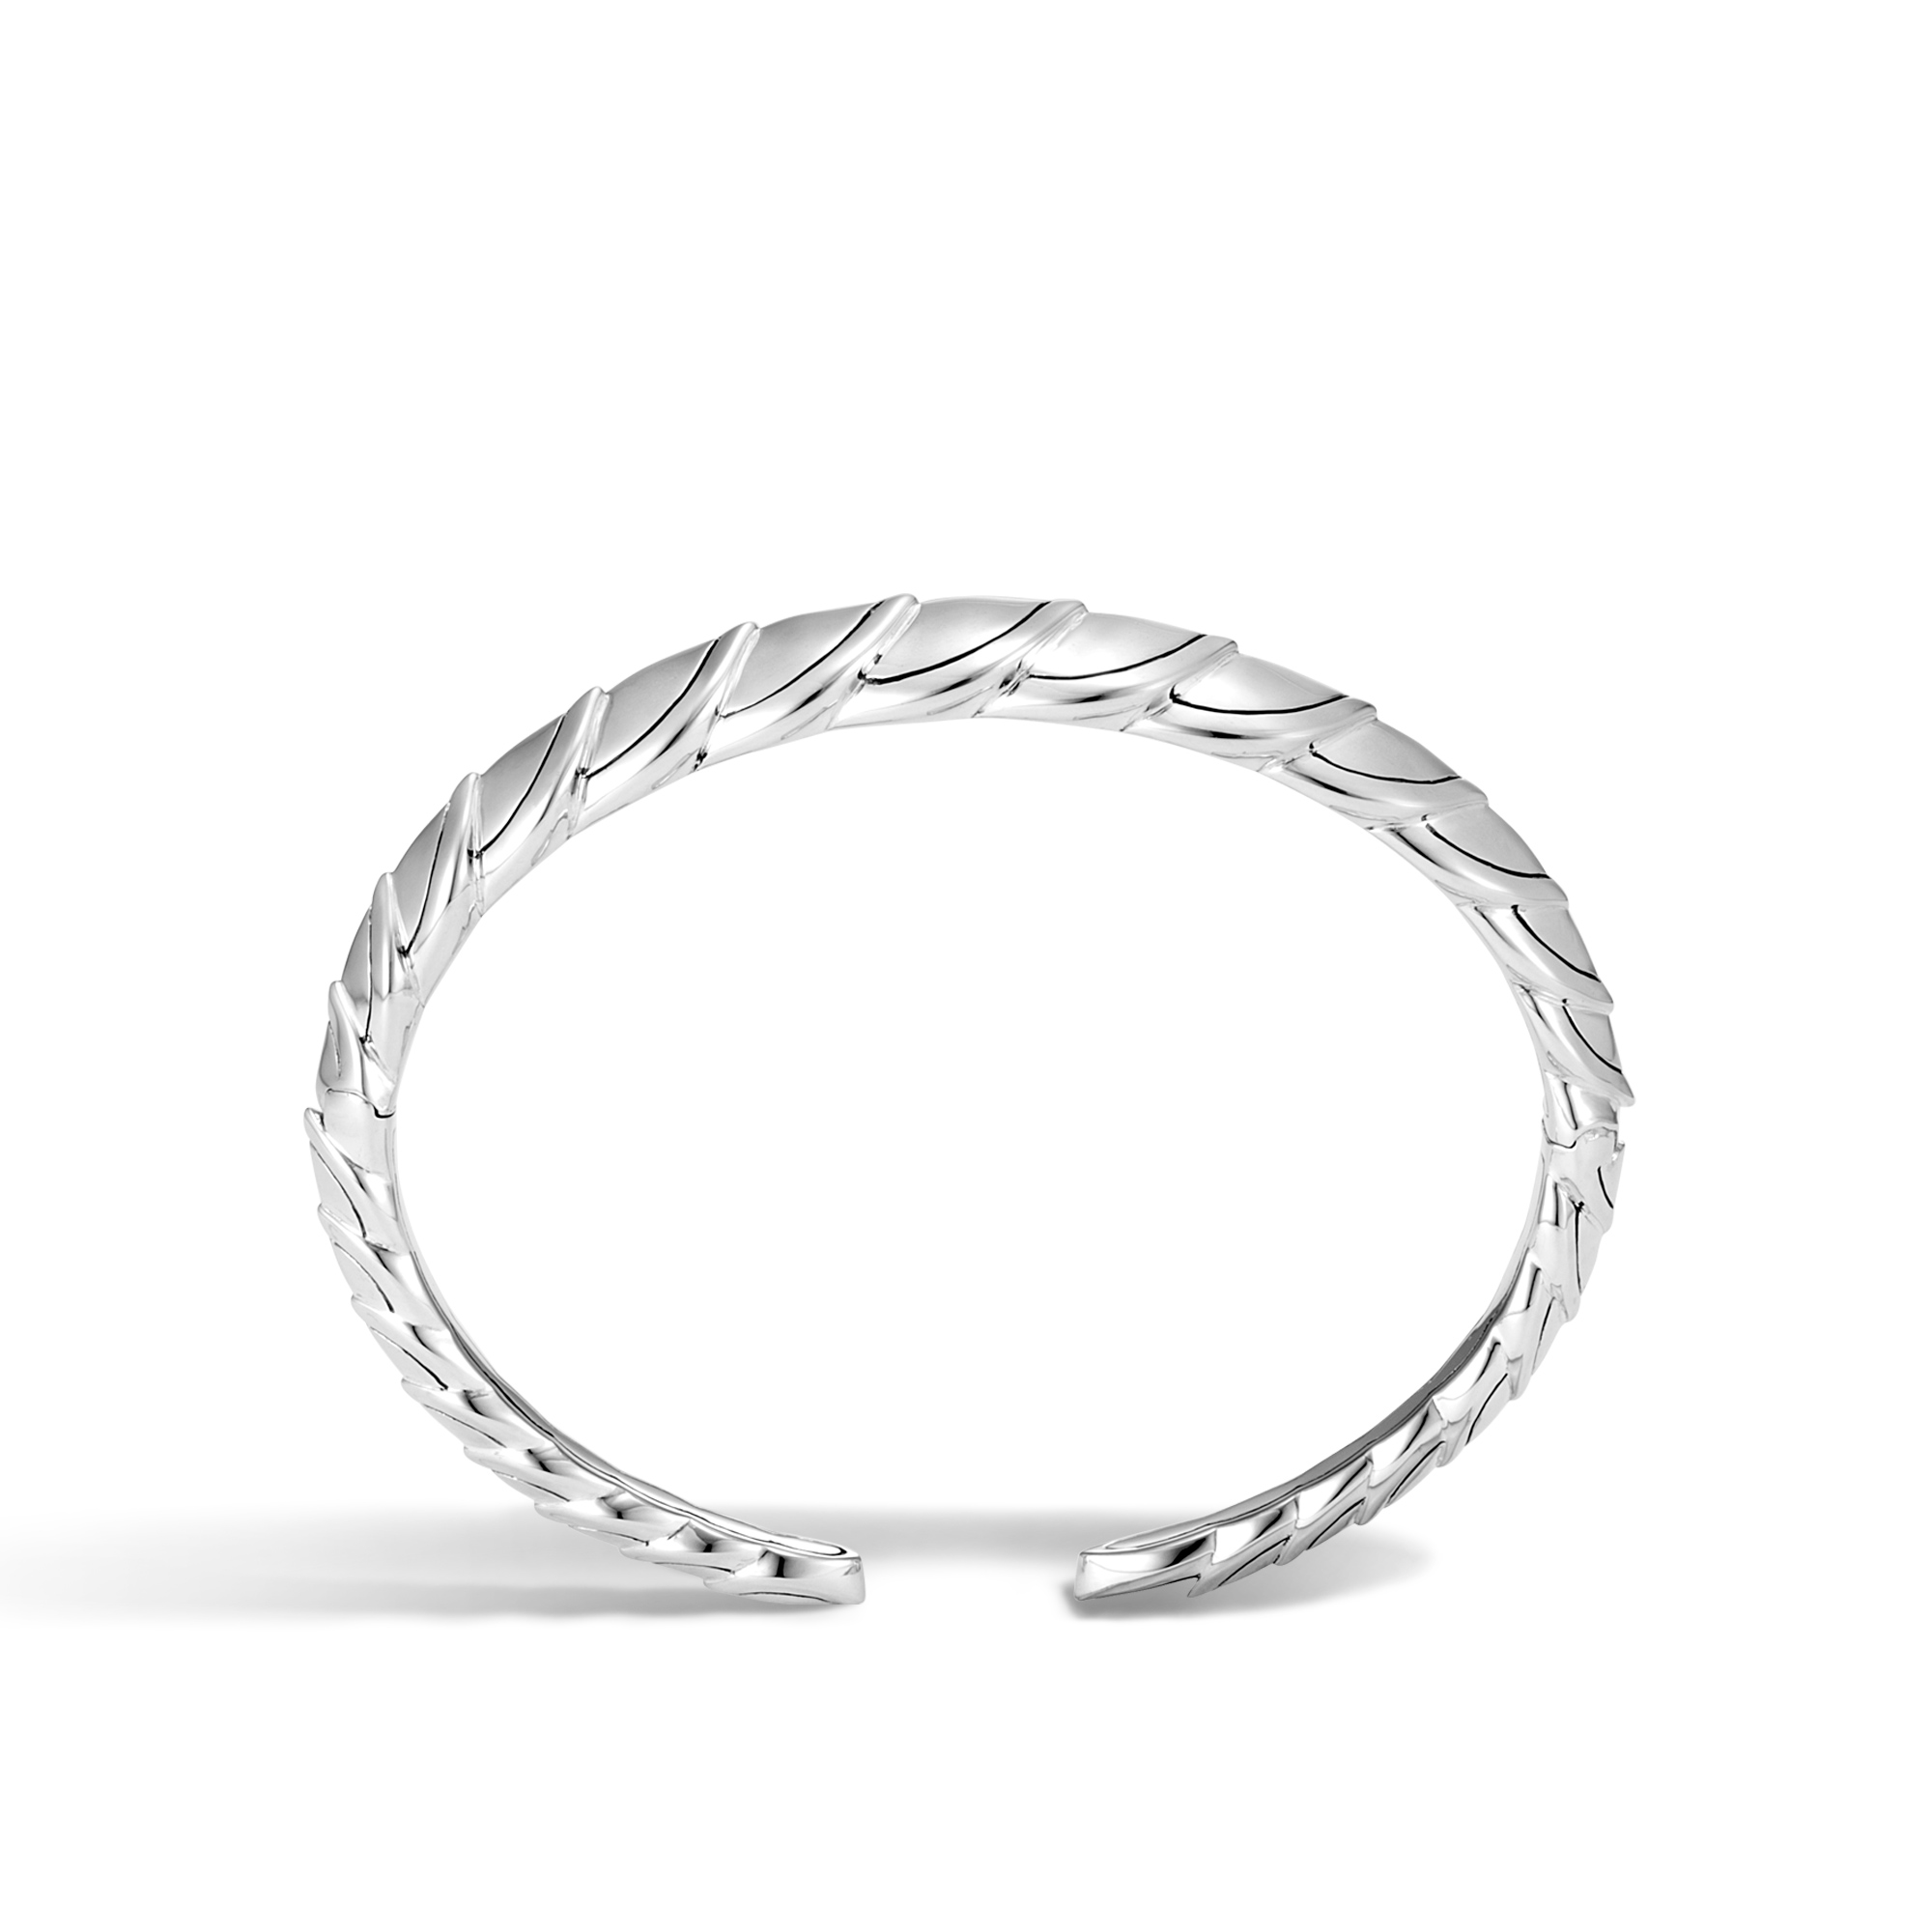 Legends Naga 11MM Cuff in Silver, , large